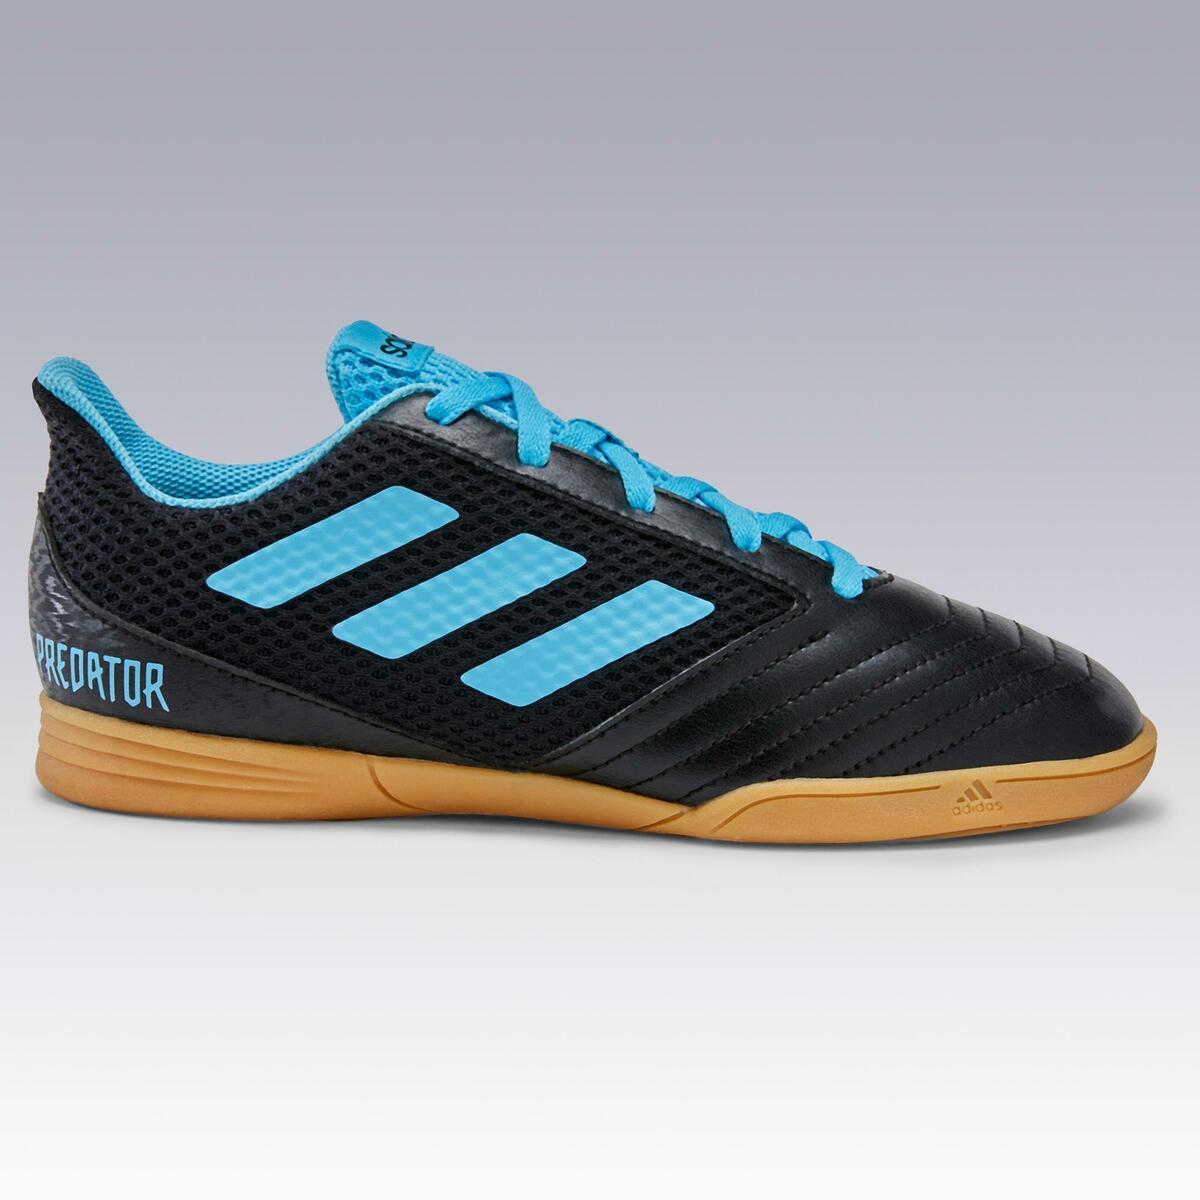 Bild 3 von Hallenschuhe Futsal Fußball Predator schwarz/blau